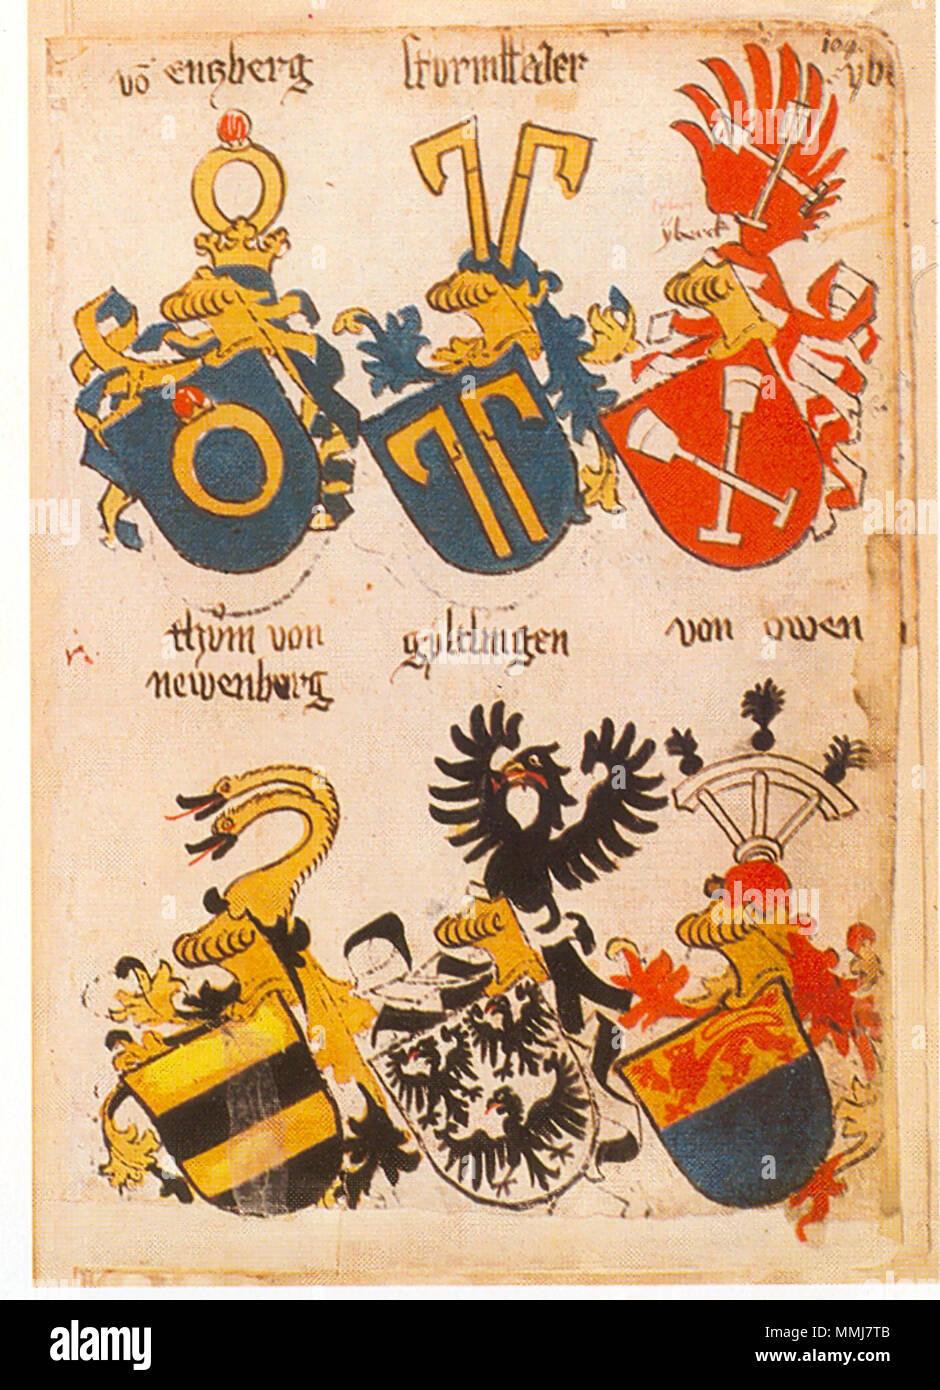 . Ingeram-Codex der ehemaligen Bibliothek Cotta vo(n) Enzberg sturmffeder ybe . ./[yberek] thüm von/newenburg gyltlingen von owen  . 1459. Hans Ingeram and a so called Exempla-master Ingeram Codex 104 - Stock Image